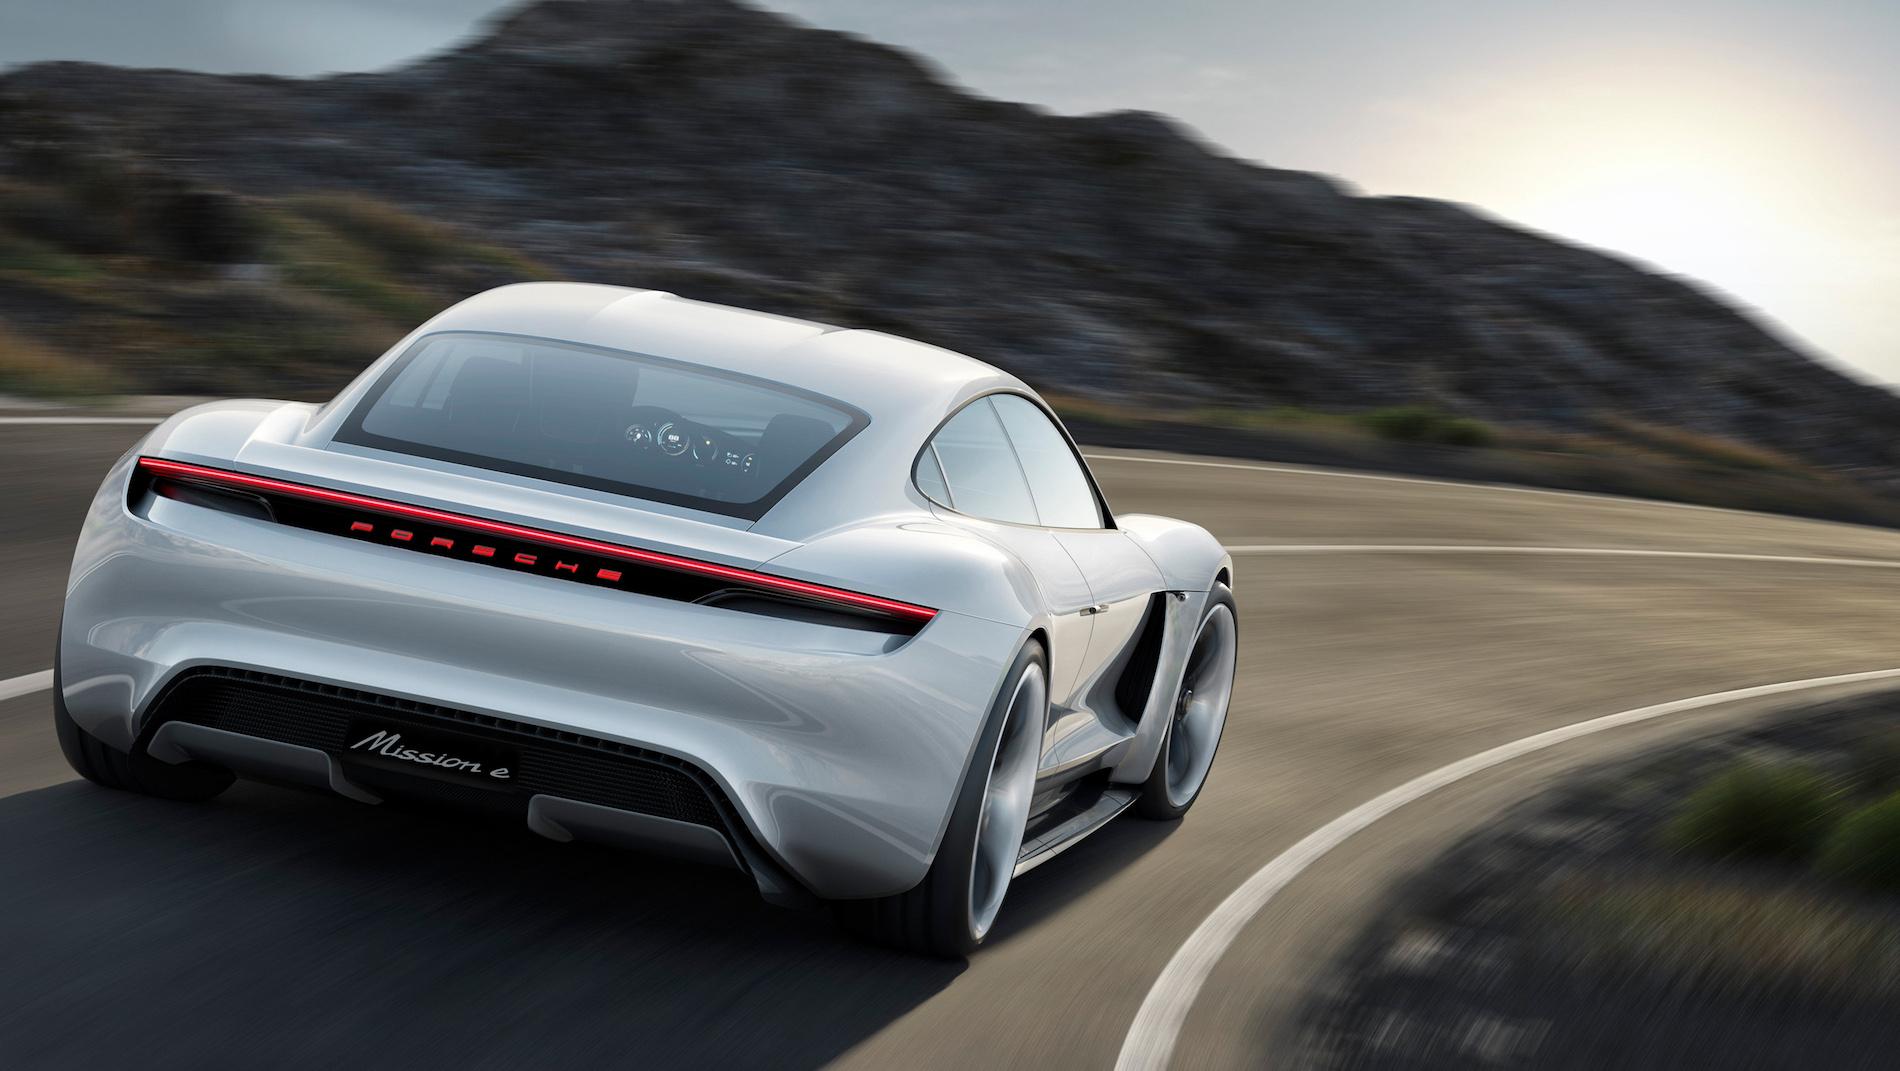 Porsche Taycan: Mehr als 20.000 Kaufinteressenten für den Elektro-Sportler von Porsche 7